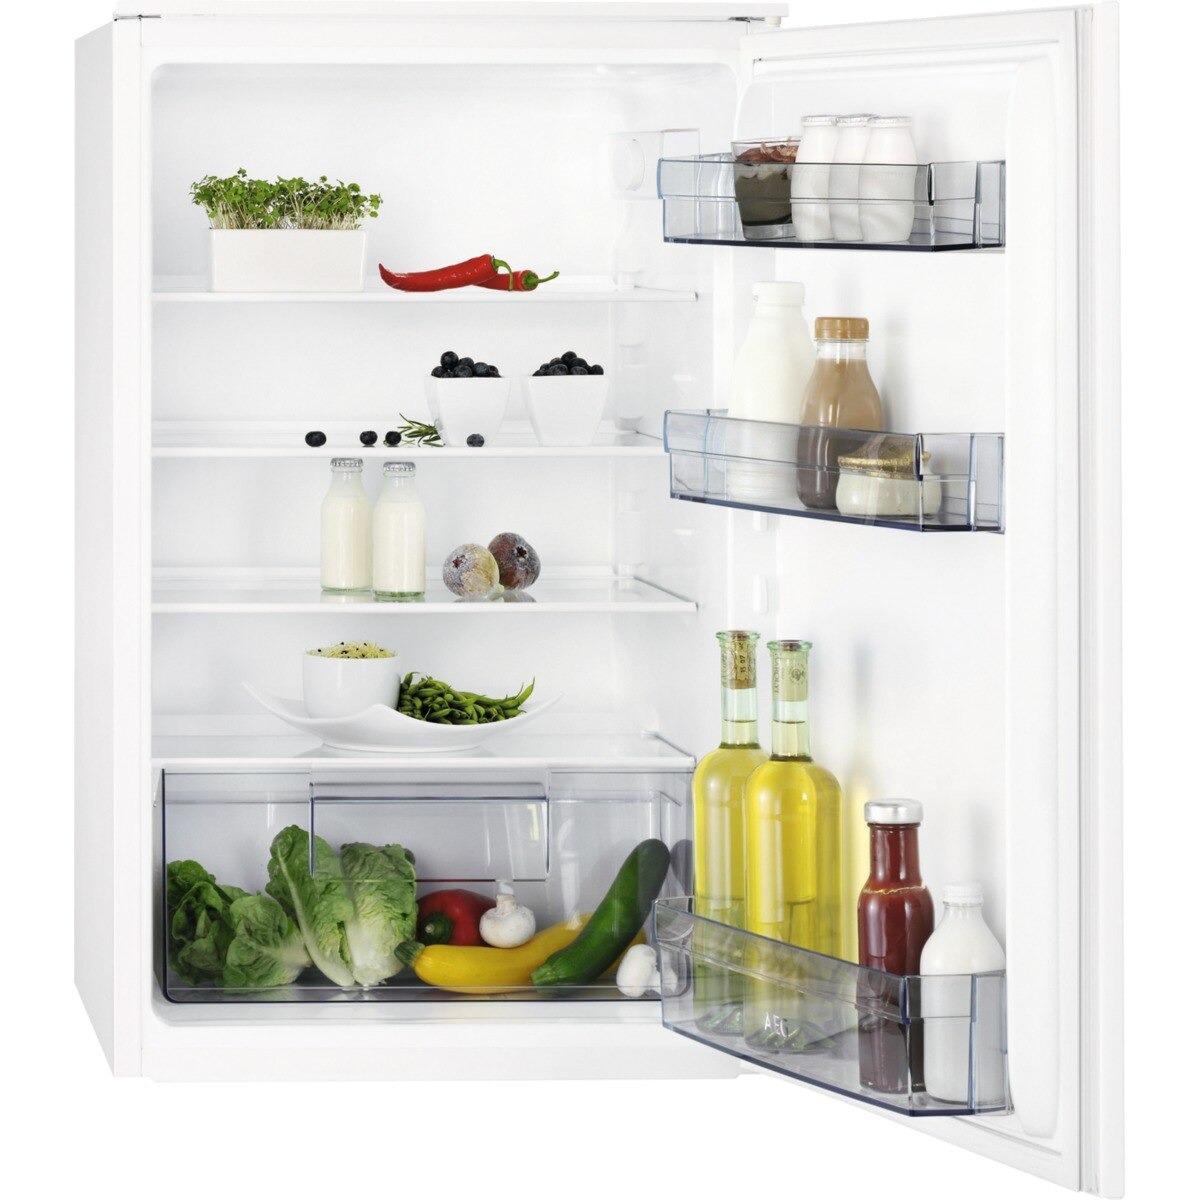 AEG SKB388F1AS Inbouw koelkast Wit